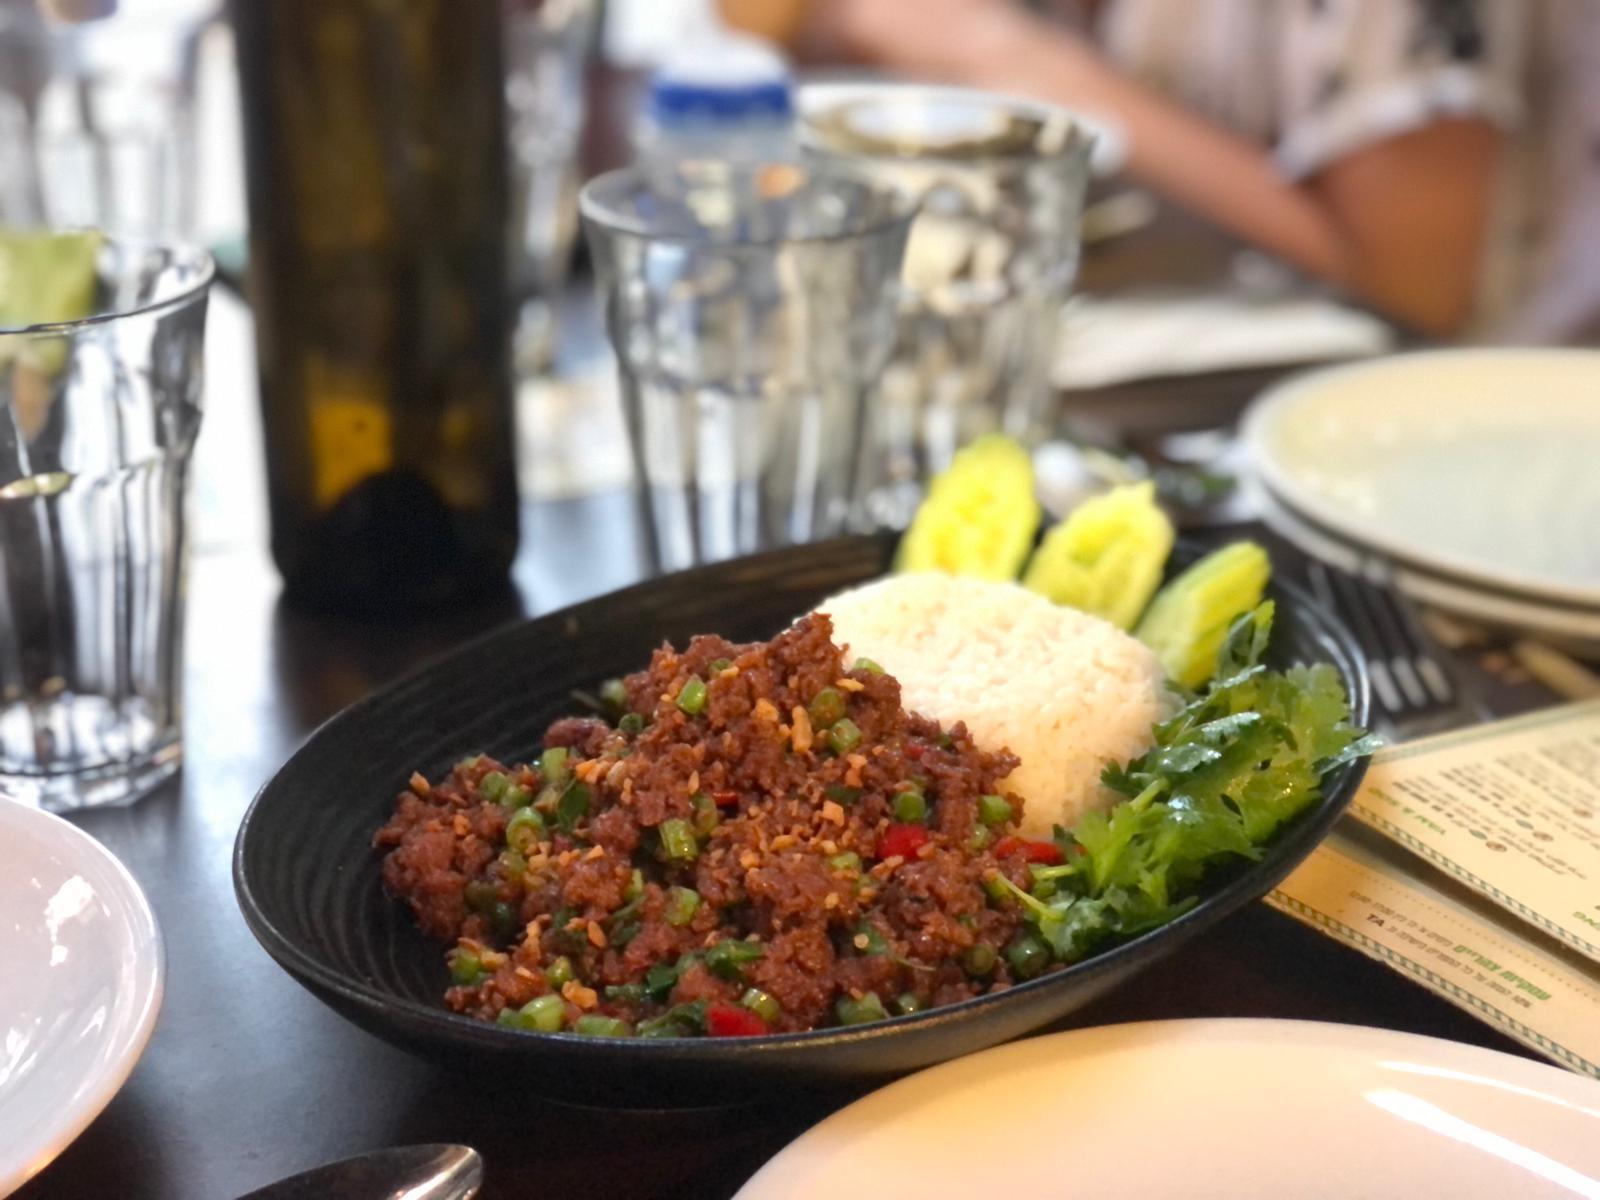 המסעדות הטובות ביותר ב תל אביב - נאם